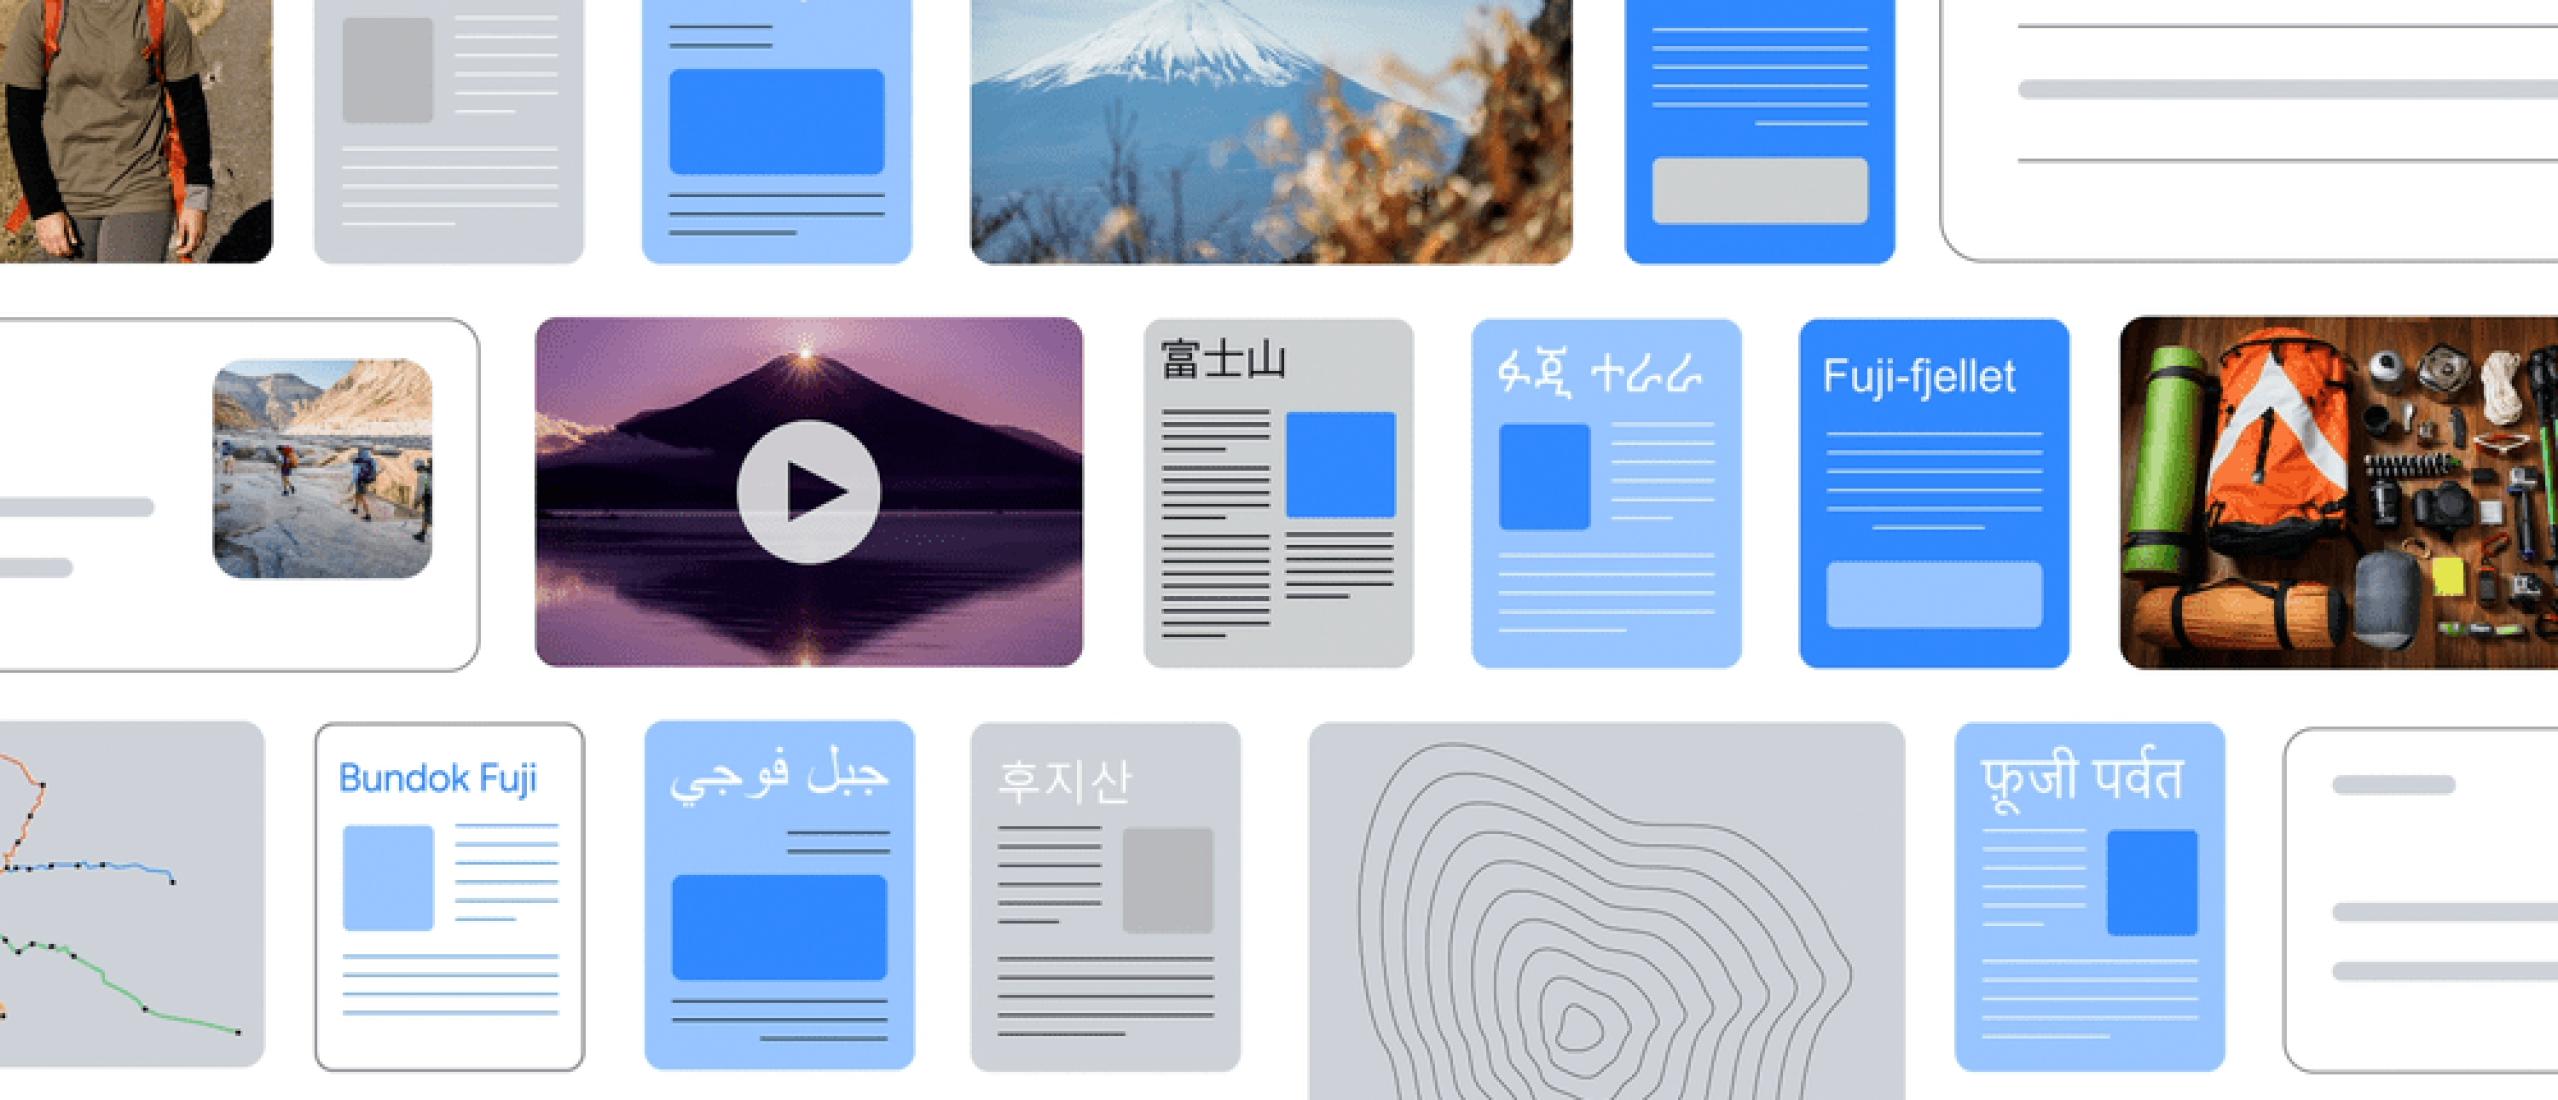 Google preview van MUM: nieuwe technologie 1000x krachtiger dan BERT